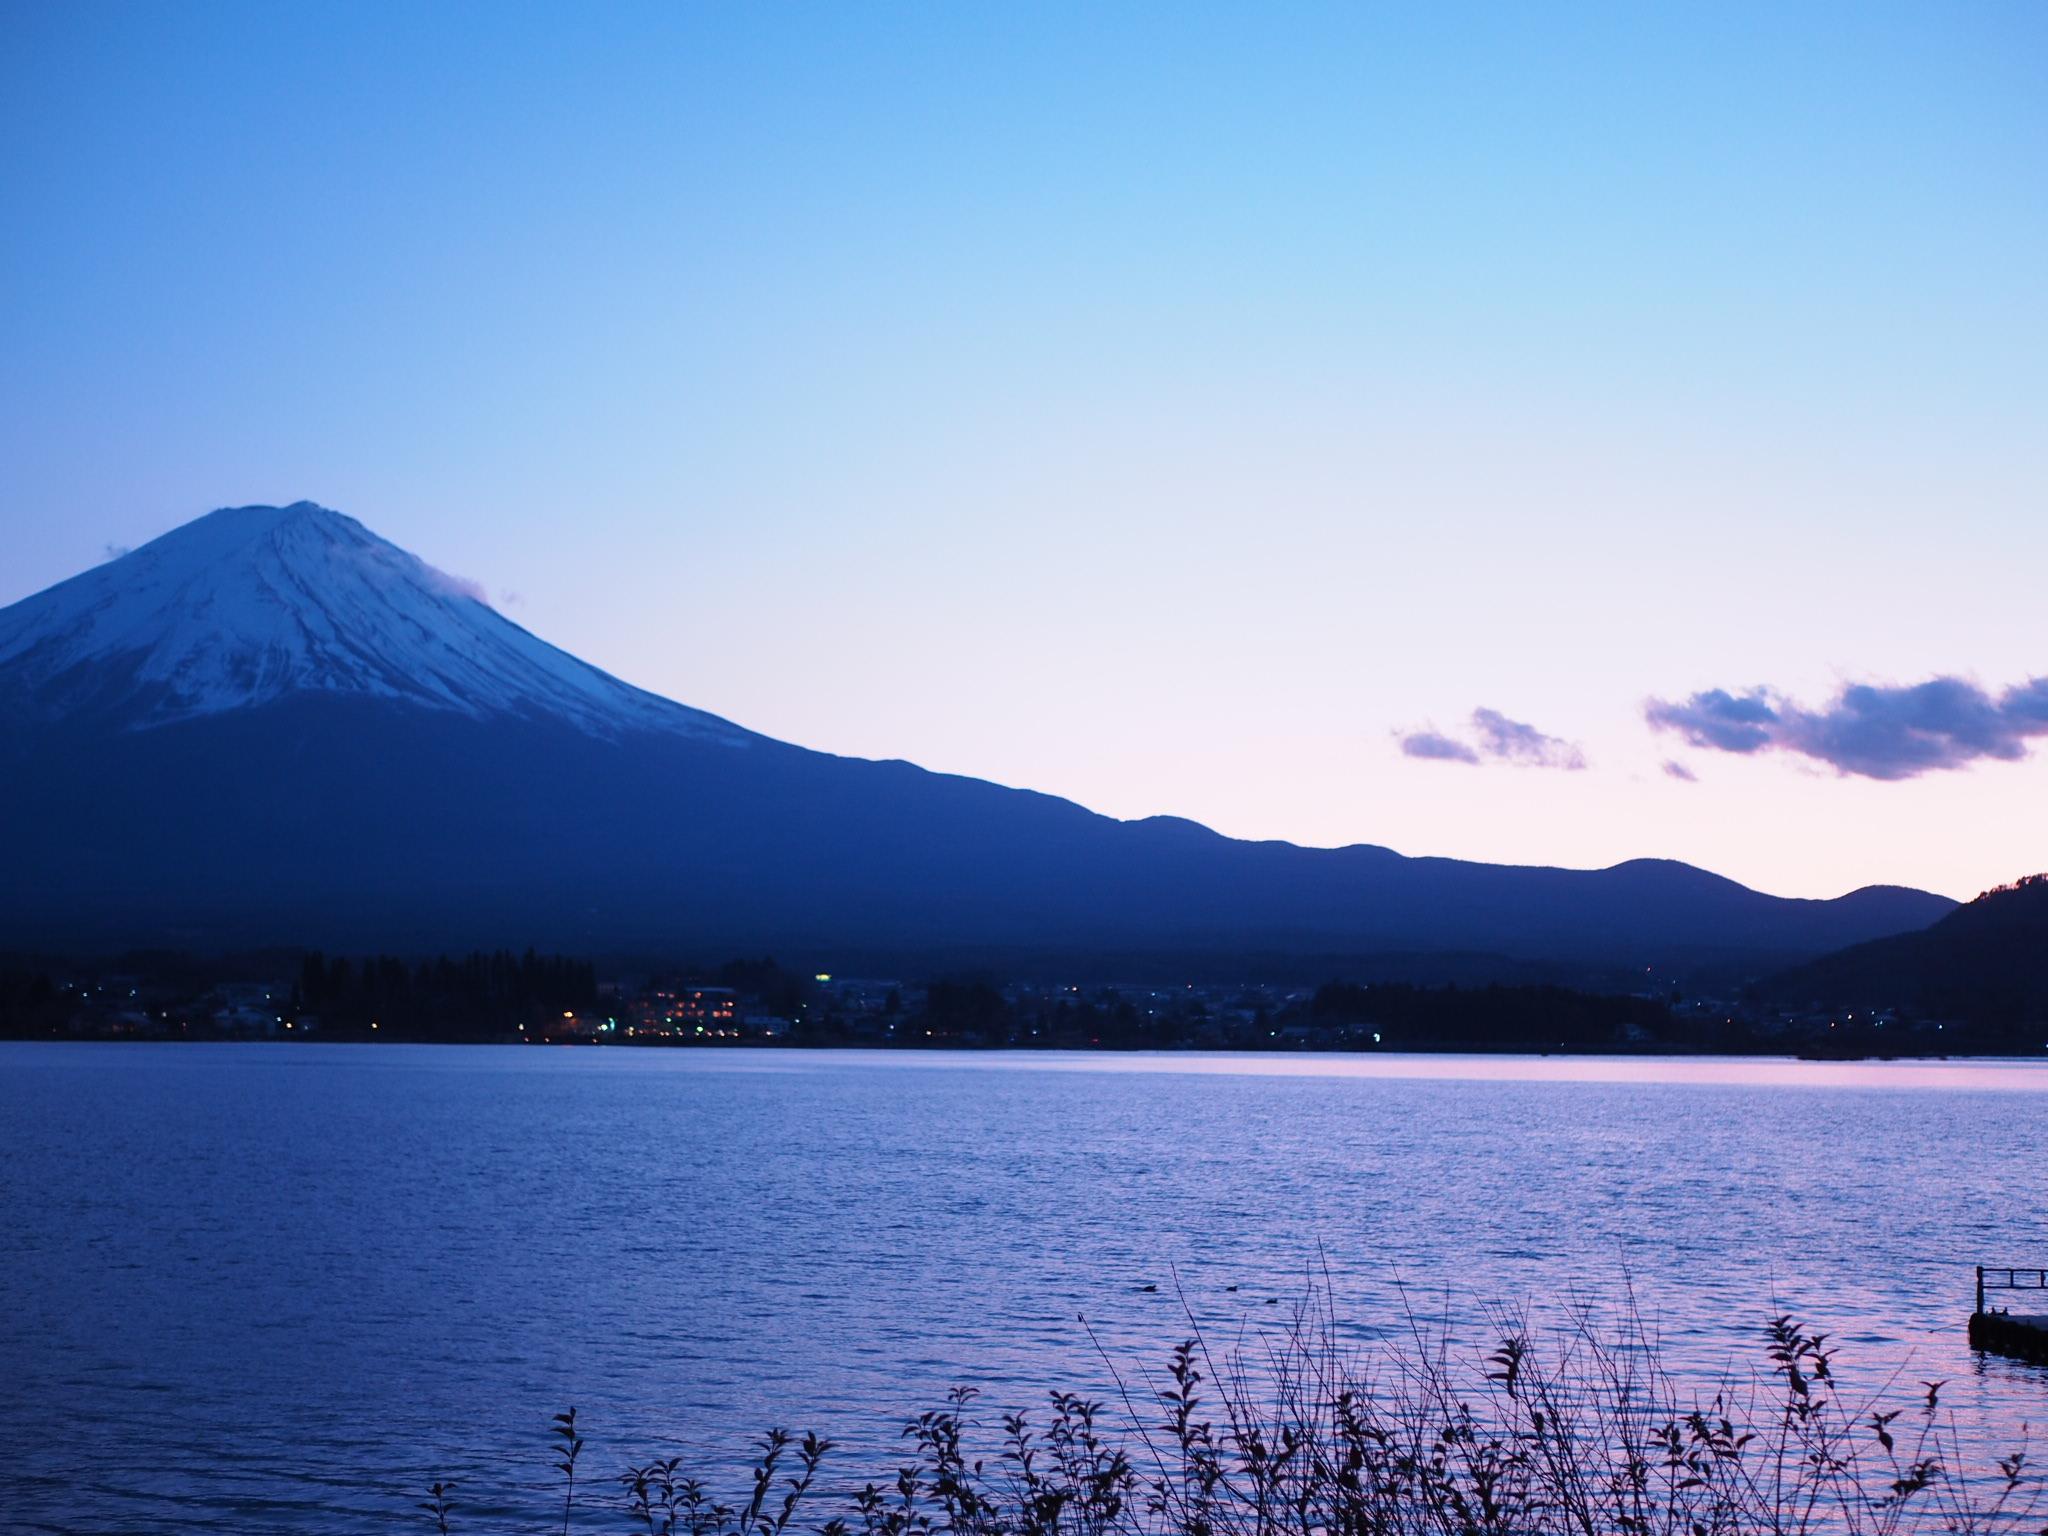 【#河口湖合宿】富士山の目の前のペンションでわいわい一泊旅♩〜宿編〜_7